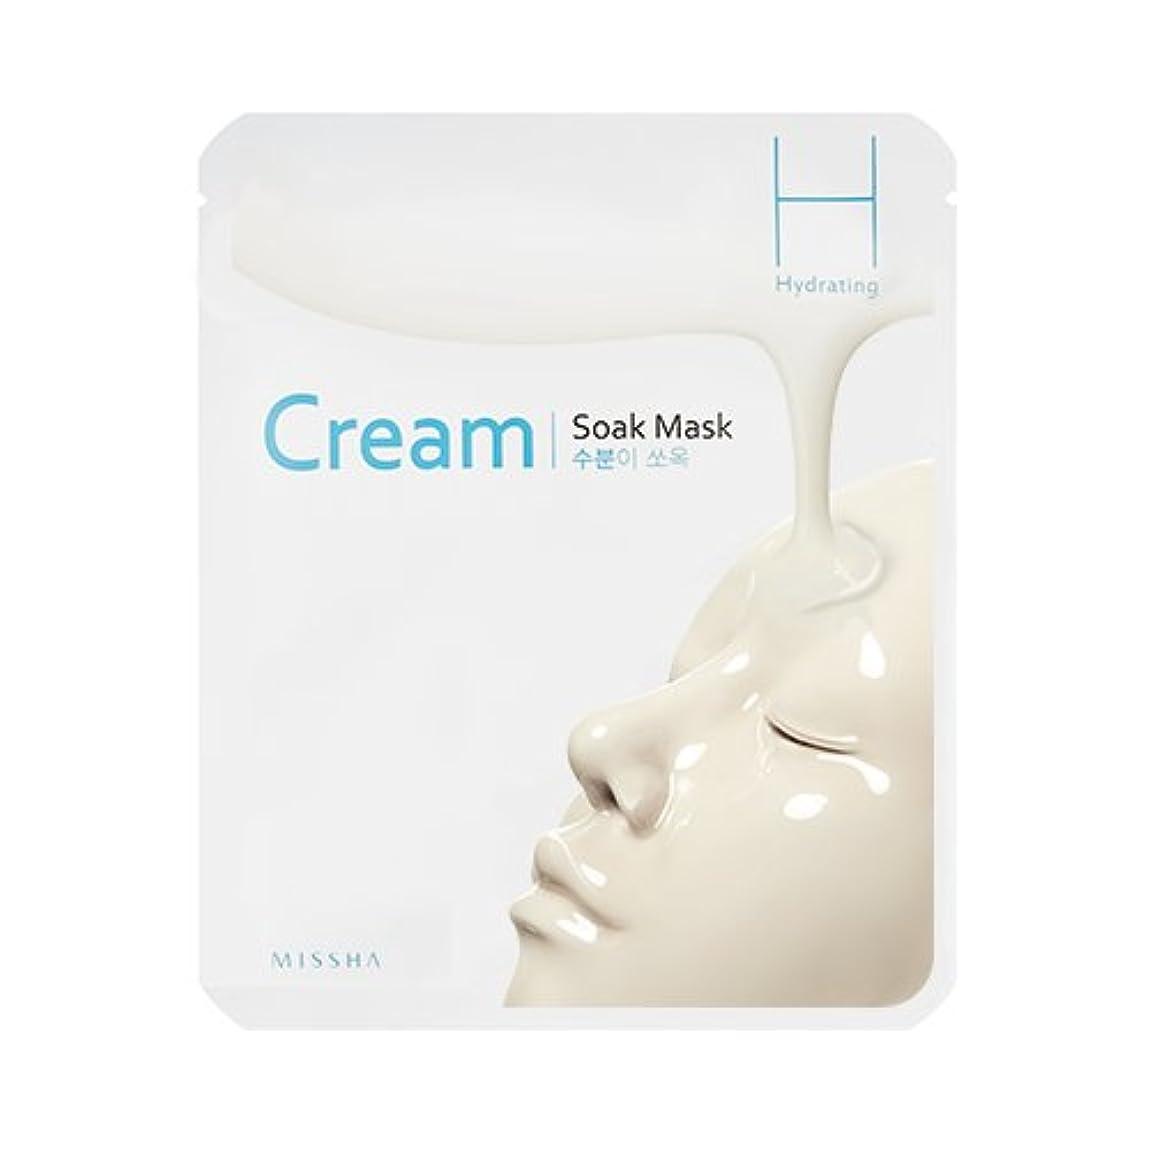 ハードリングええふさわしい[New] MISSHA Cream Soak Mask 23g × 5ea/ミシャ クリーム ソク マスク 23g × 5枚 (# Hydrating)